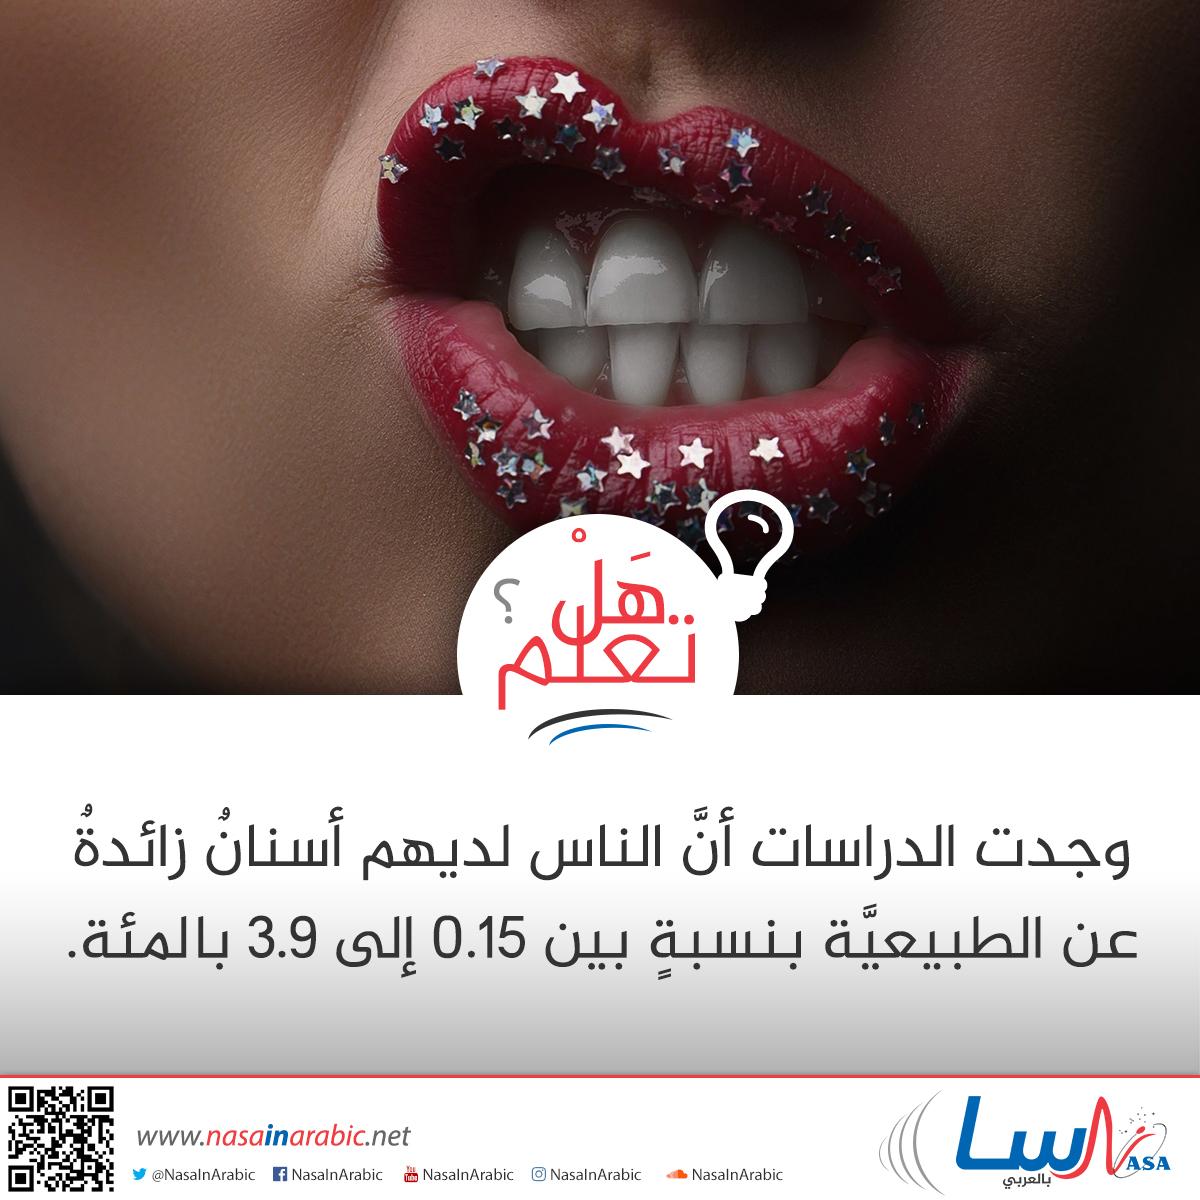 الأسنان الزائدة